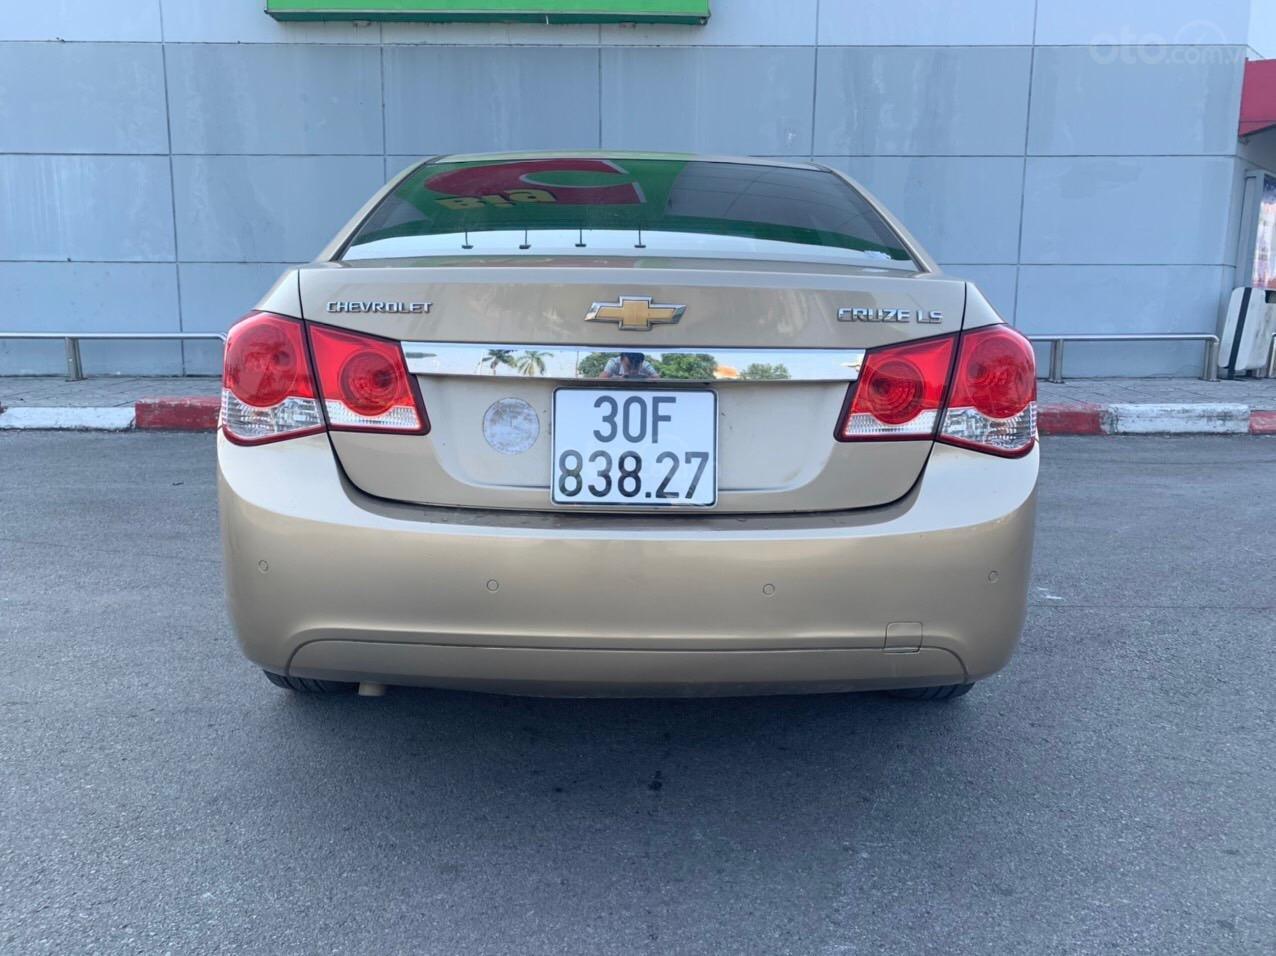 Cần bán Chevrolet Cruze sx 2013 số sàn 1.6 màu vàng - Quang Tiệp 0865.567.369 (2)